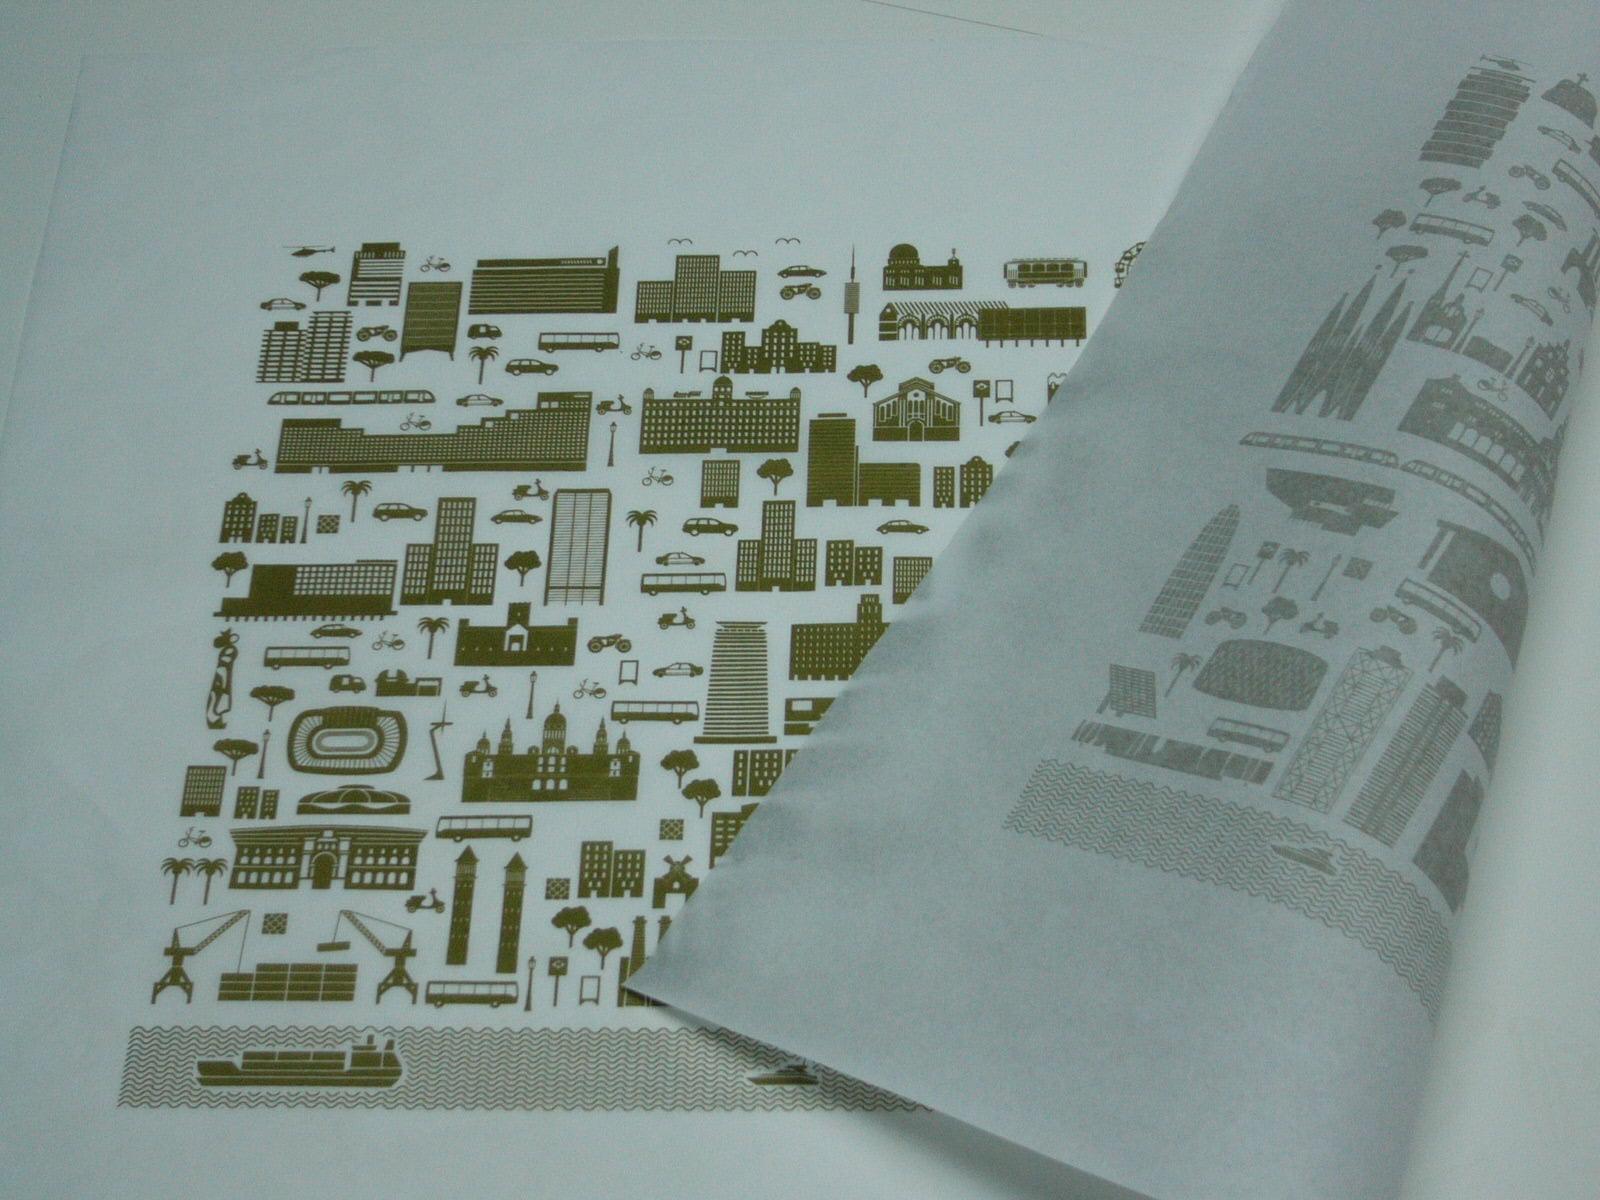 Pictogramas Ciudad de Barcelona realizados en art Plus serigrafía Barcelona sobre papel seda de muy bajo gramaje